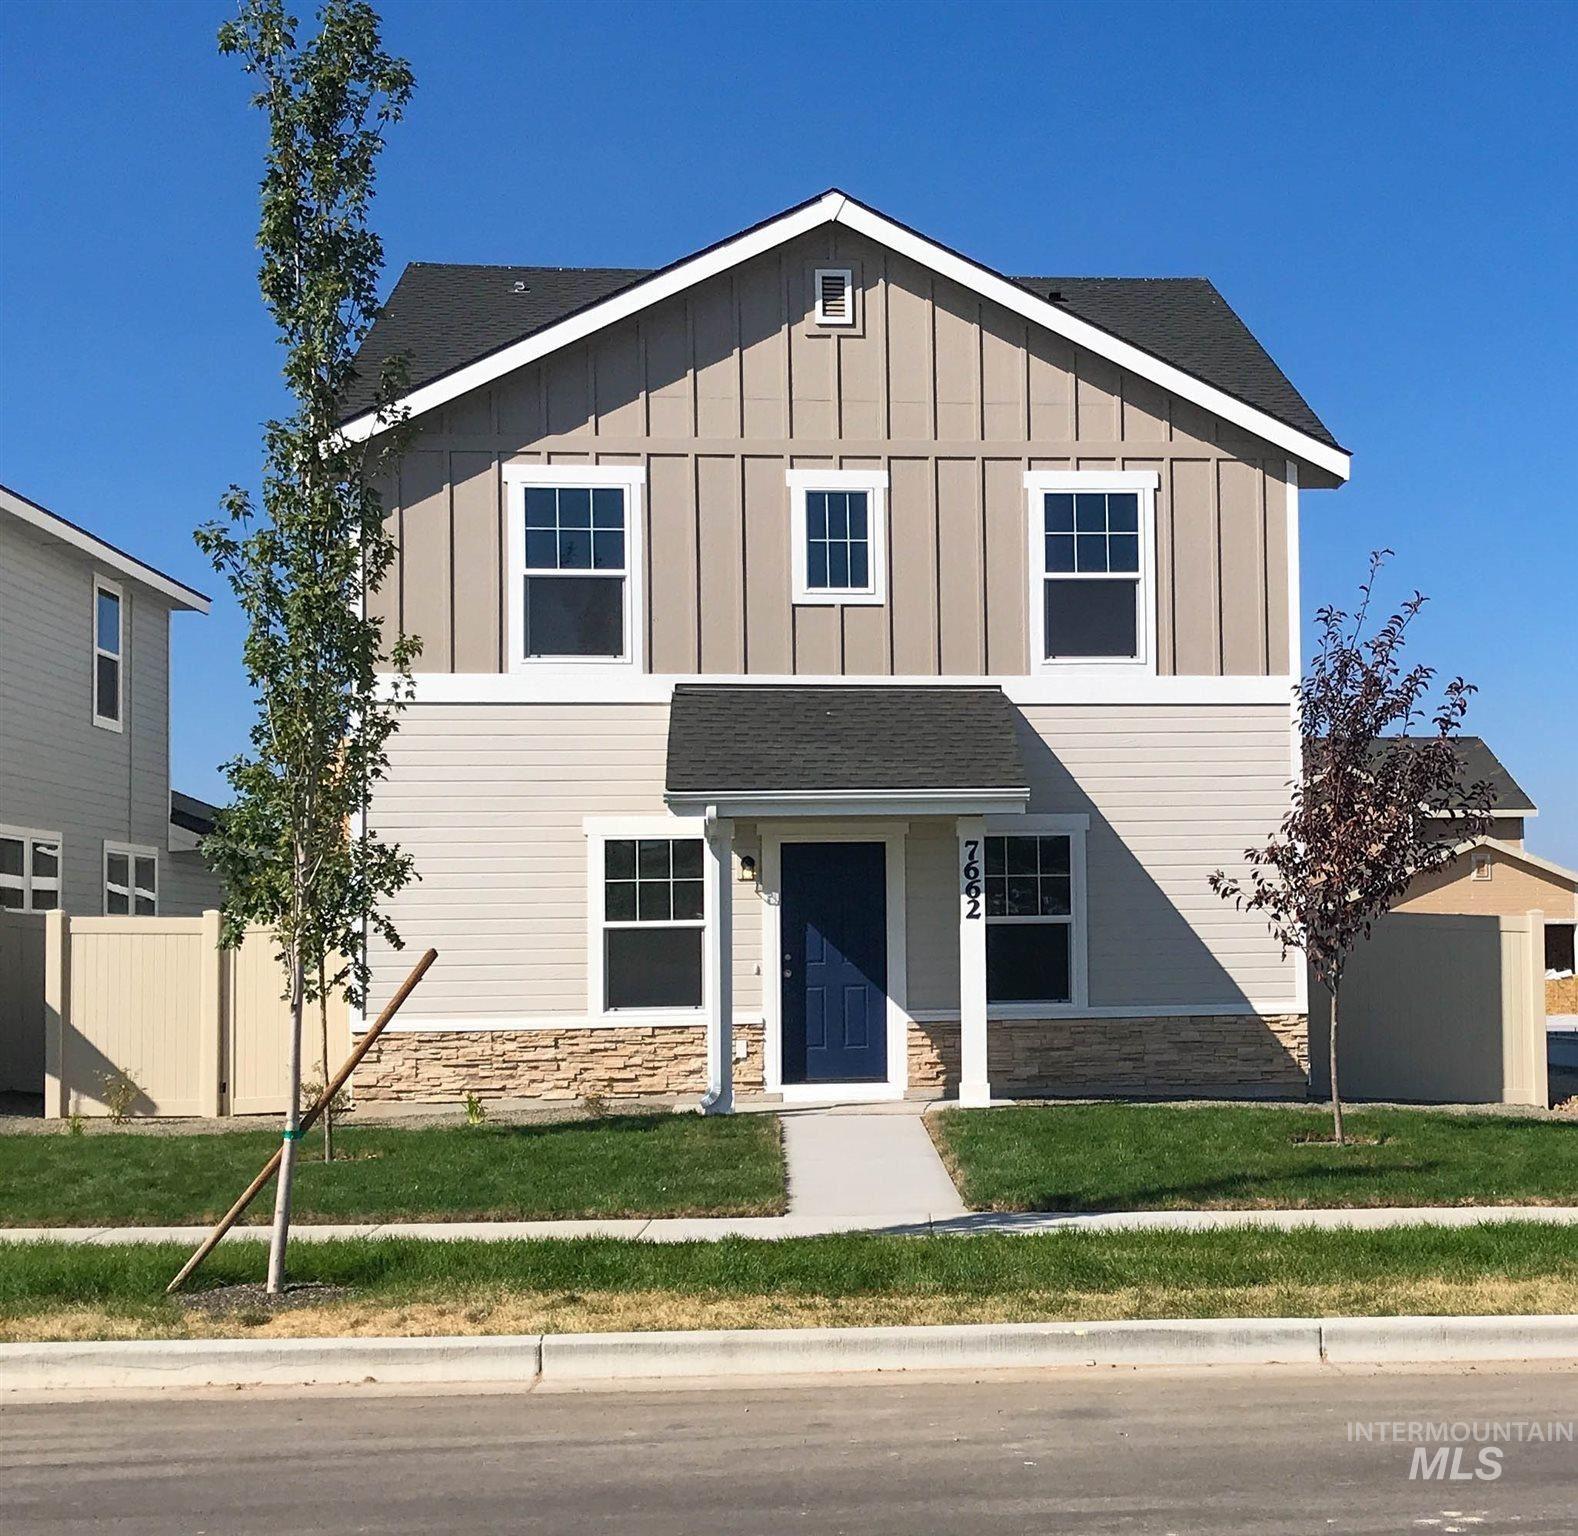 7662 S Sea Breeze Way, Boise, ID 83709 - MLS#: 98762636